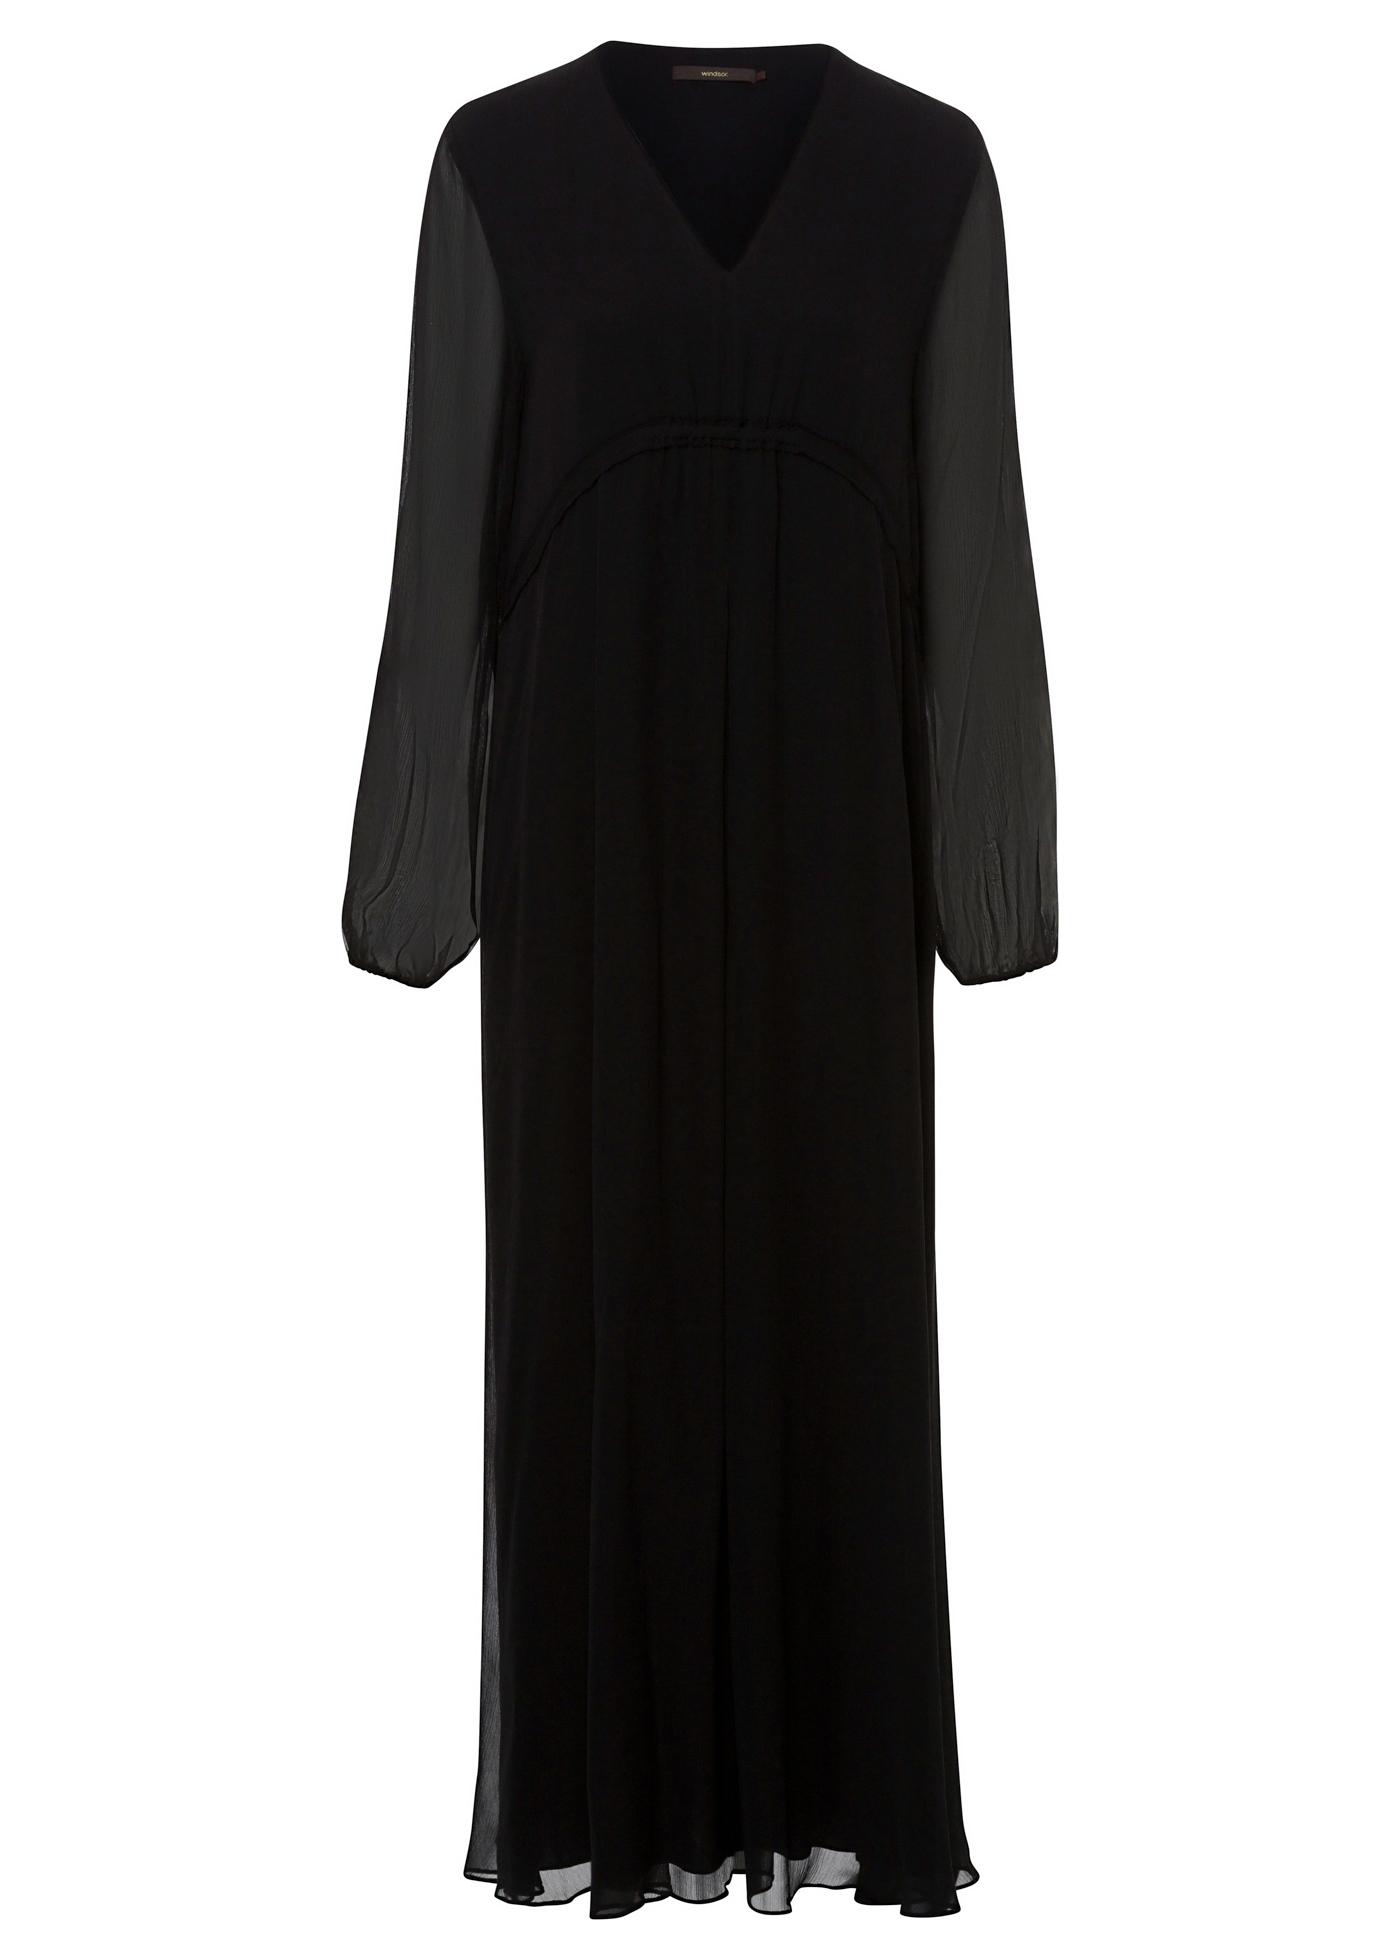 Kleid image number 0